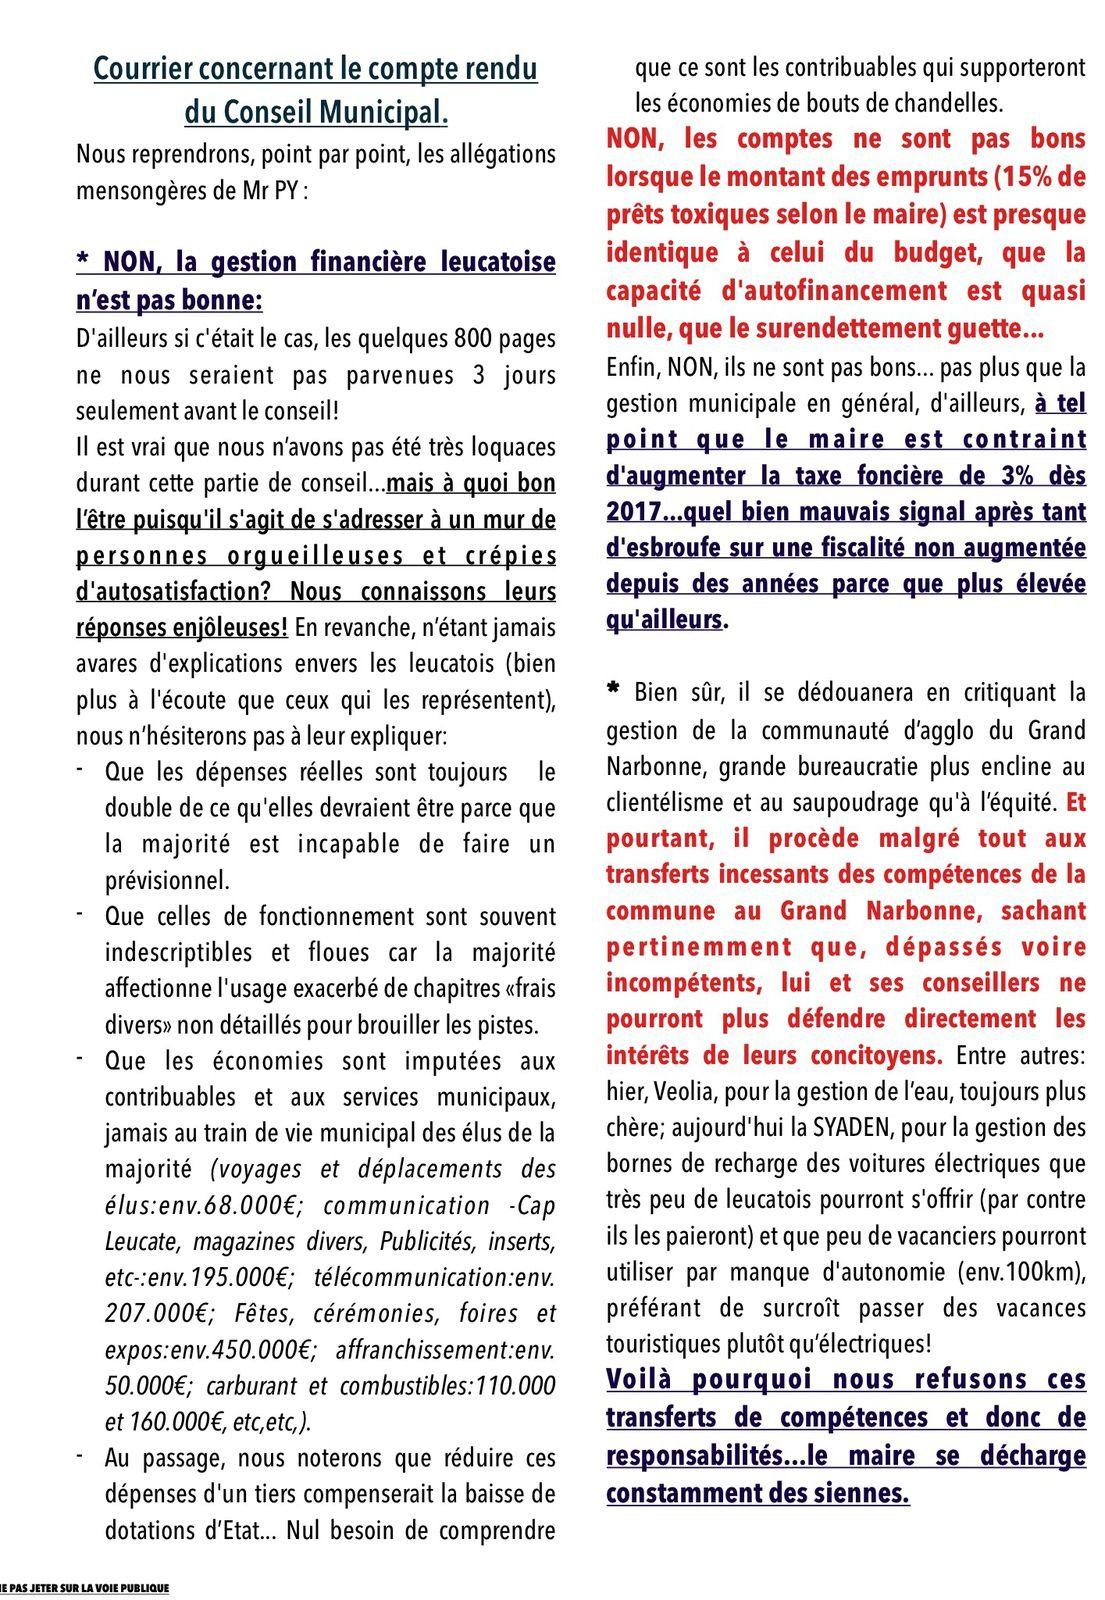 Notre droit de réponse: Bulletin d'information Leucate RBM en cours de distribution.